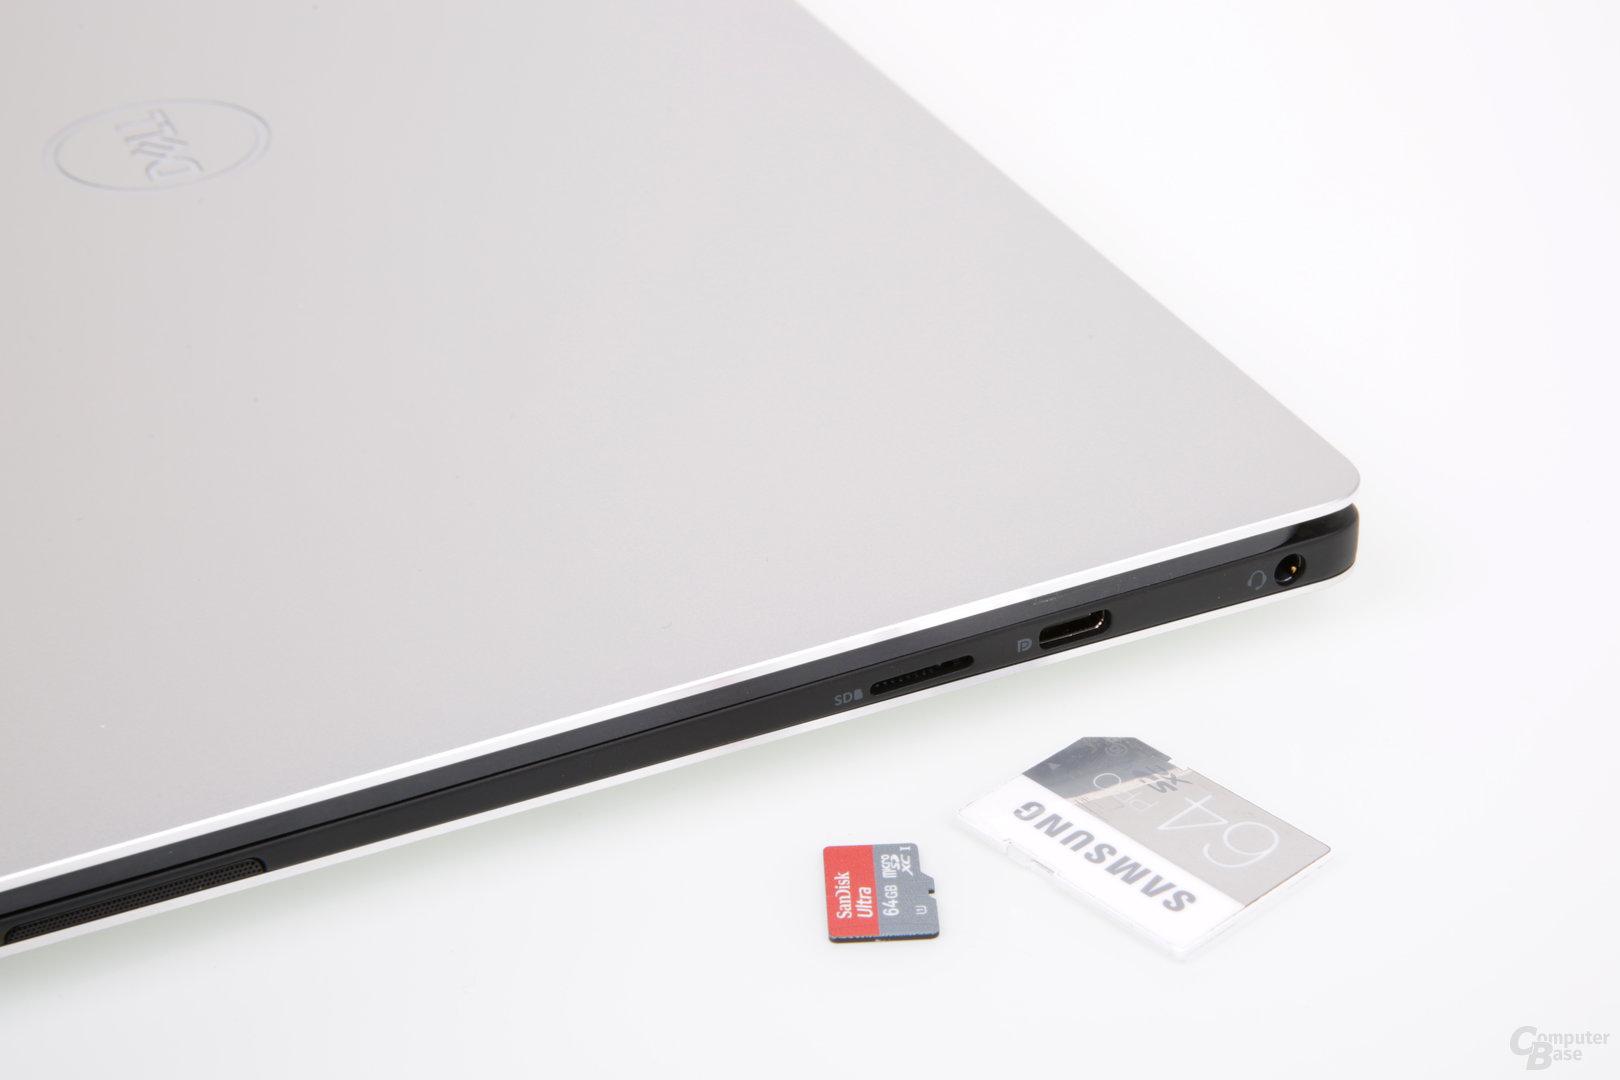 Neuer Cardreader nur noch für microSD